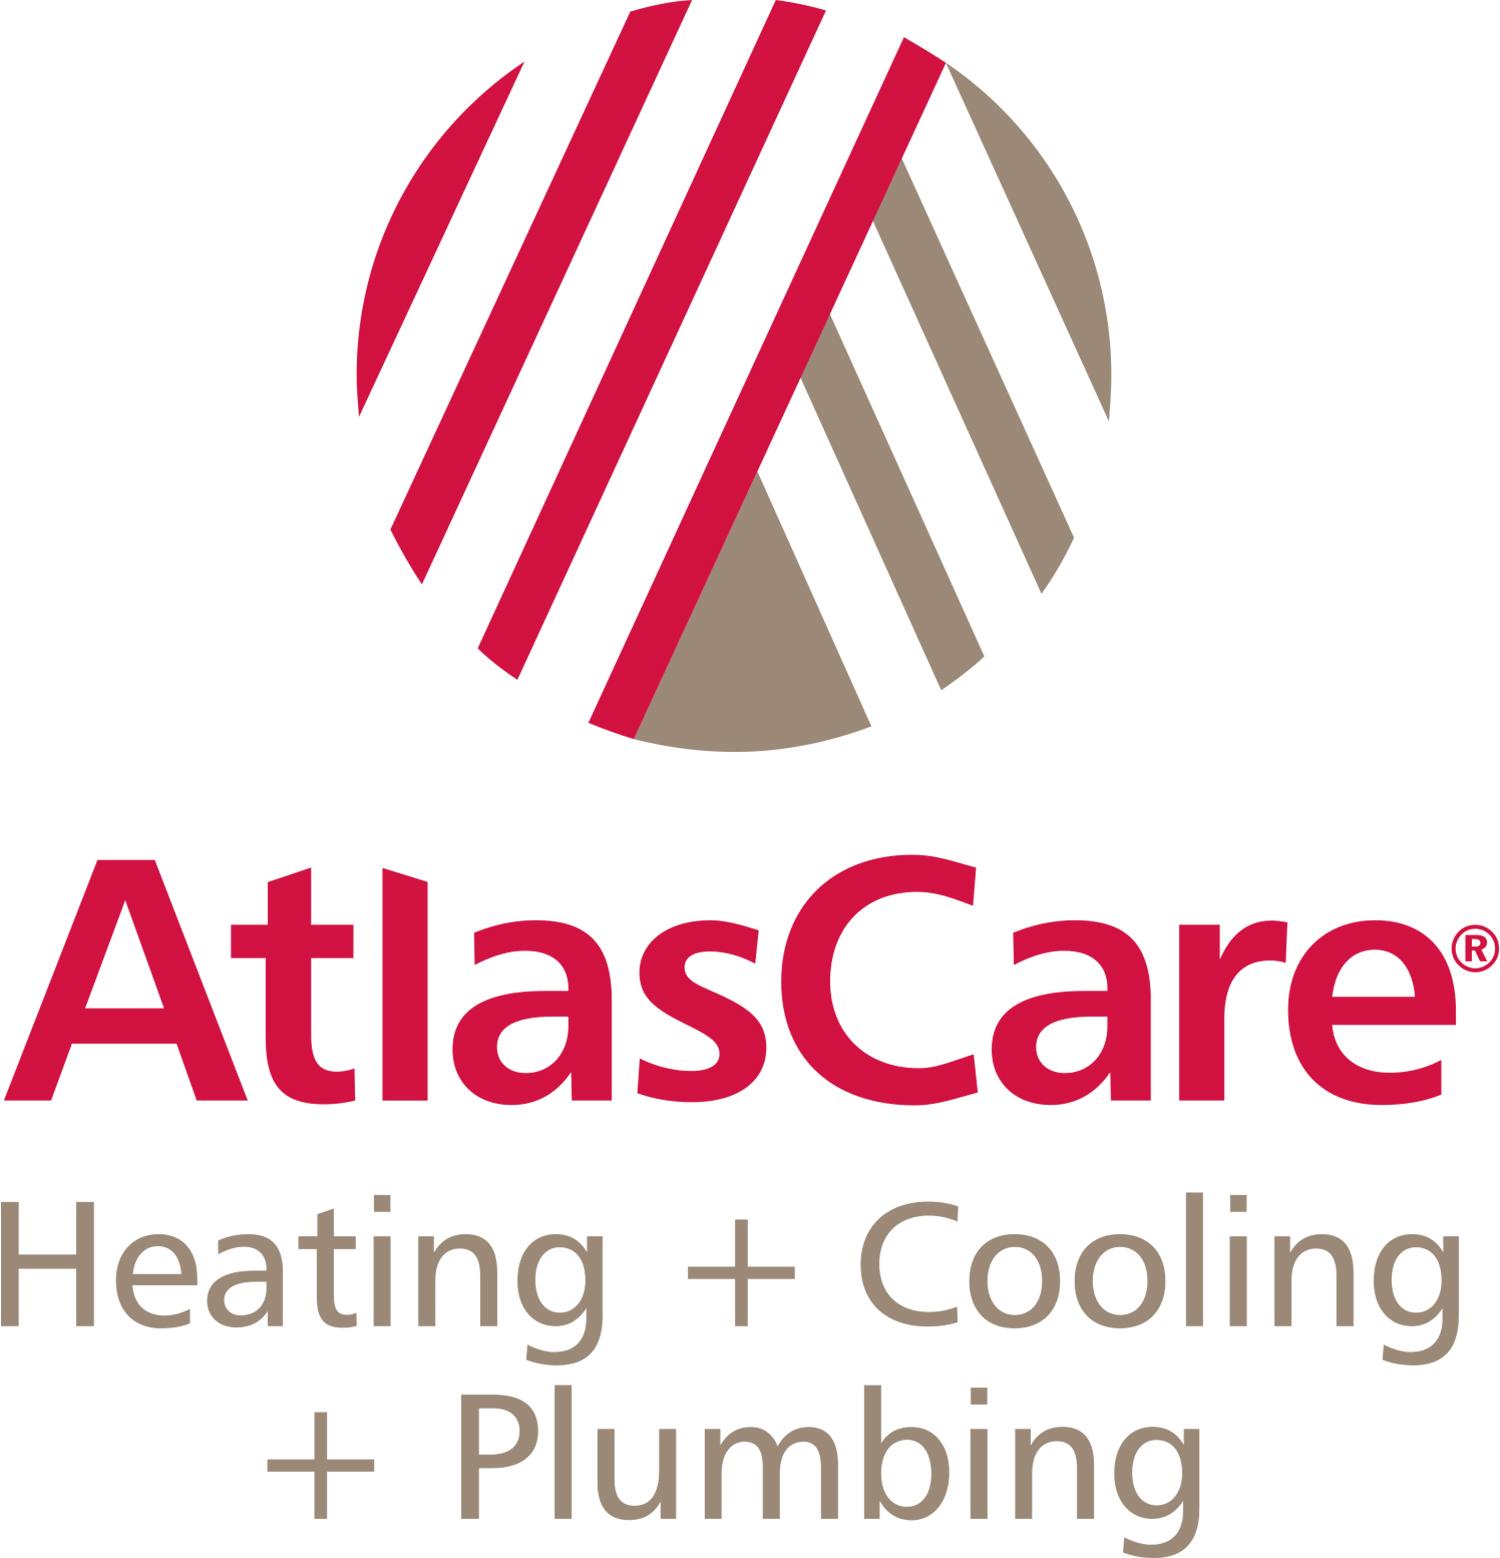 AtlasCare